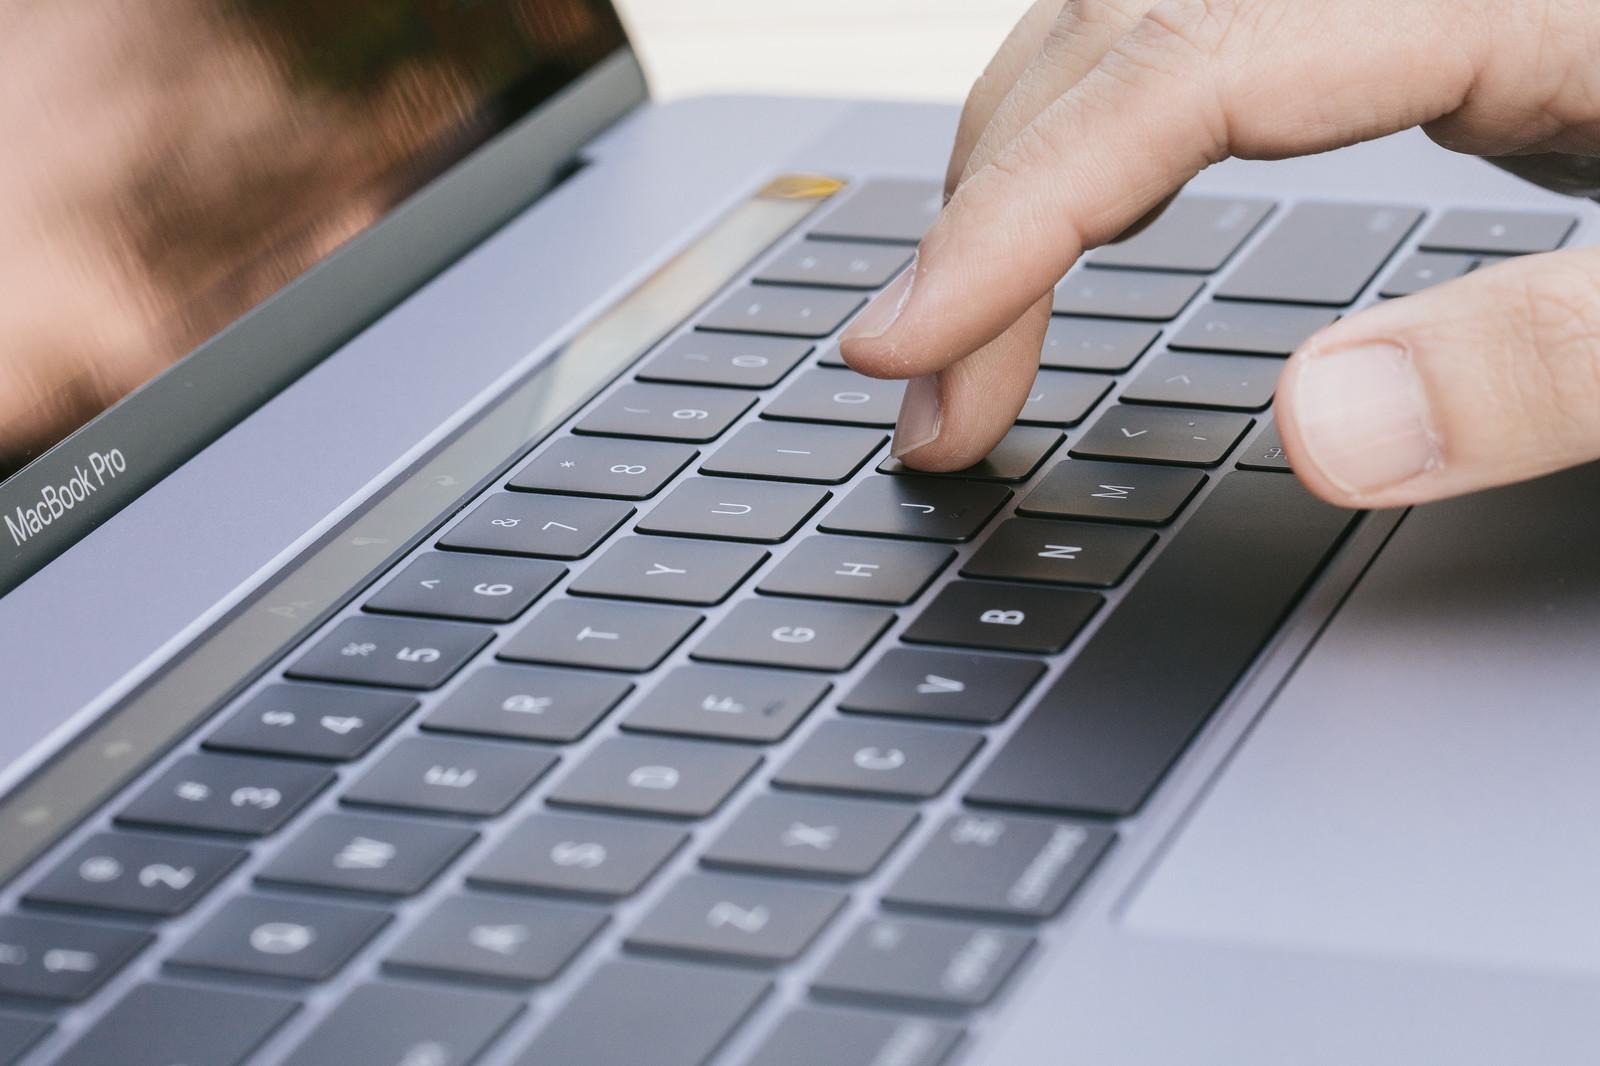 【エクセルVBA】WEBスクレイピングは簡単だから自力でできるよ【IE操作】